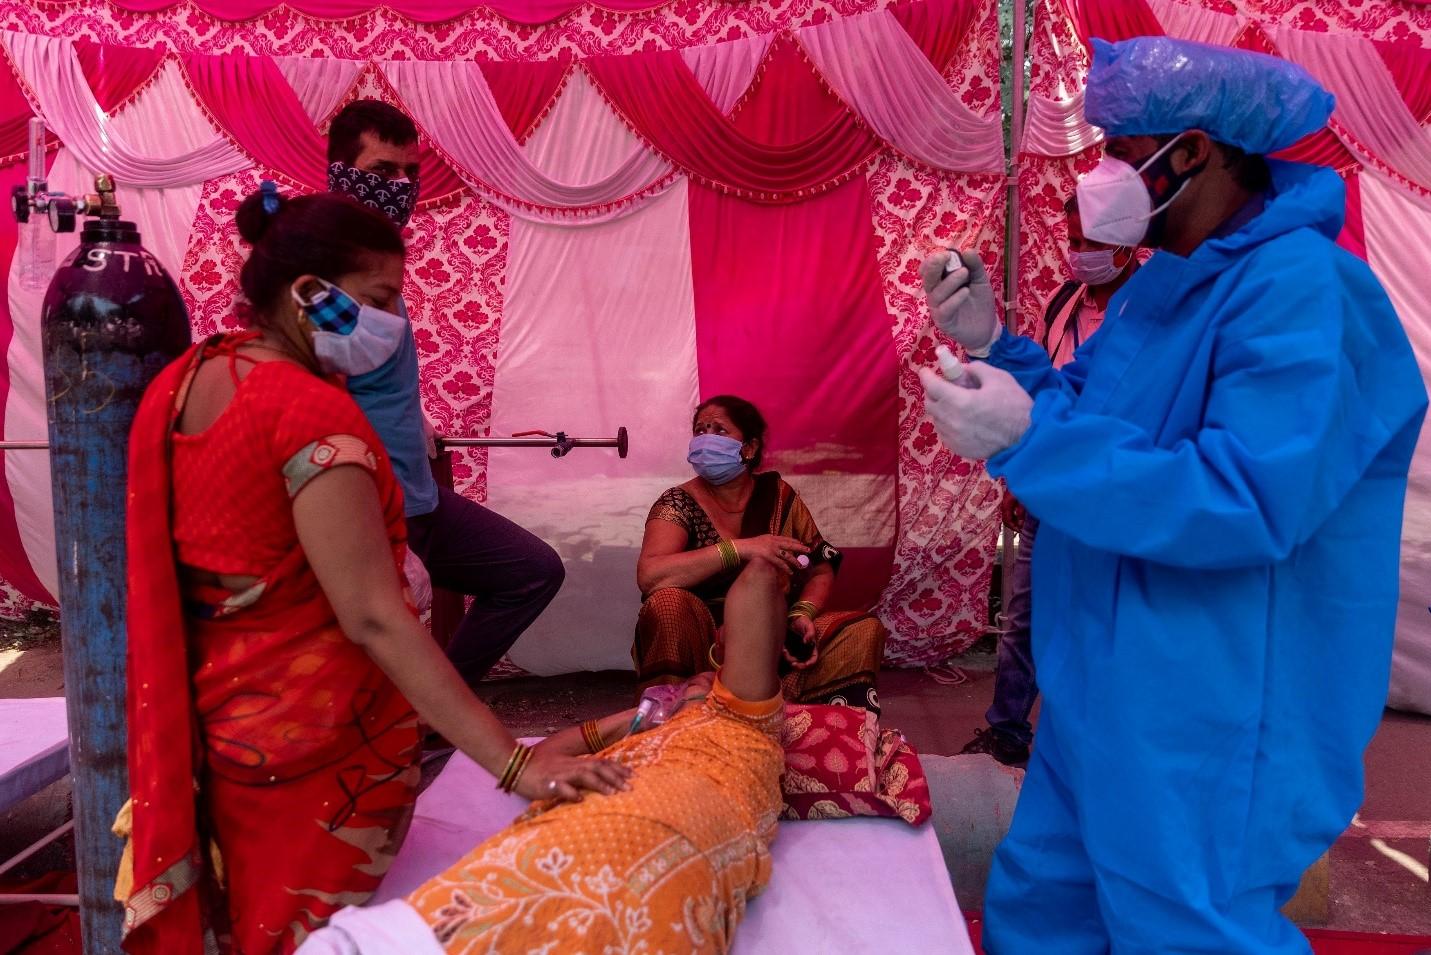 Ấn Độ giảm số ca mắc COVID – 19, giới chuyên gia vẫn kêu gọi phong tỏa - Ảnh 2.